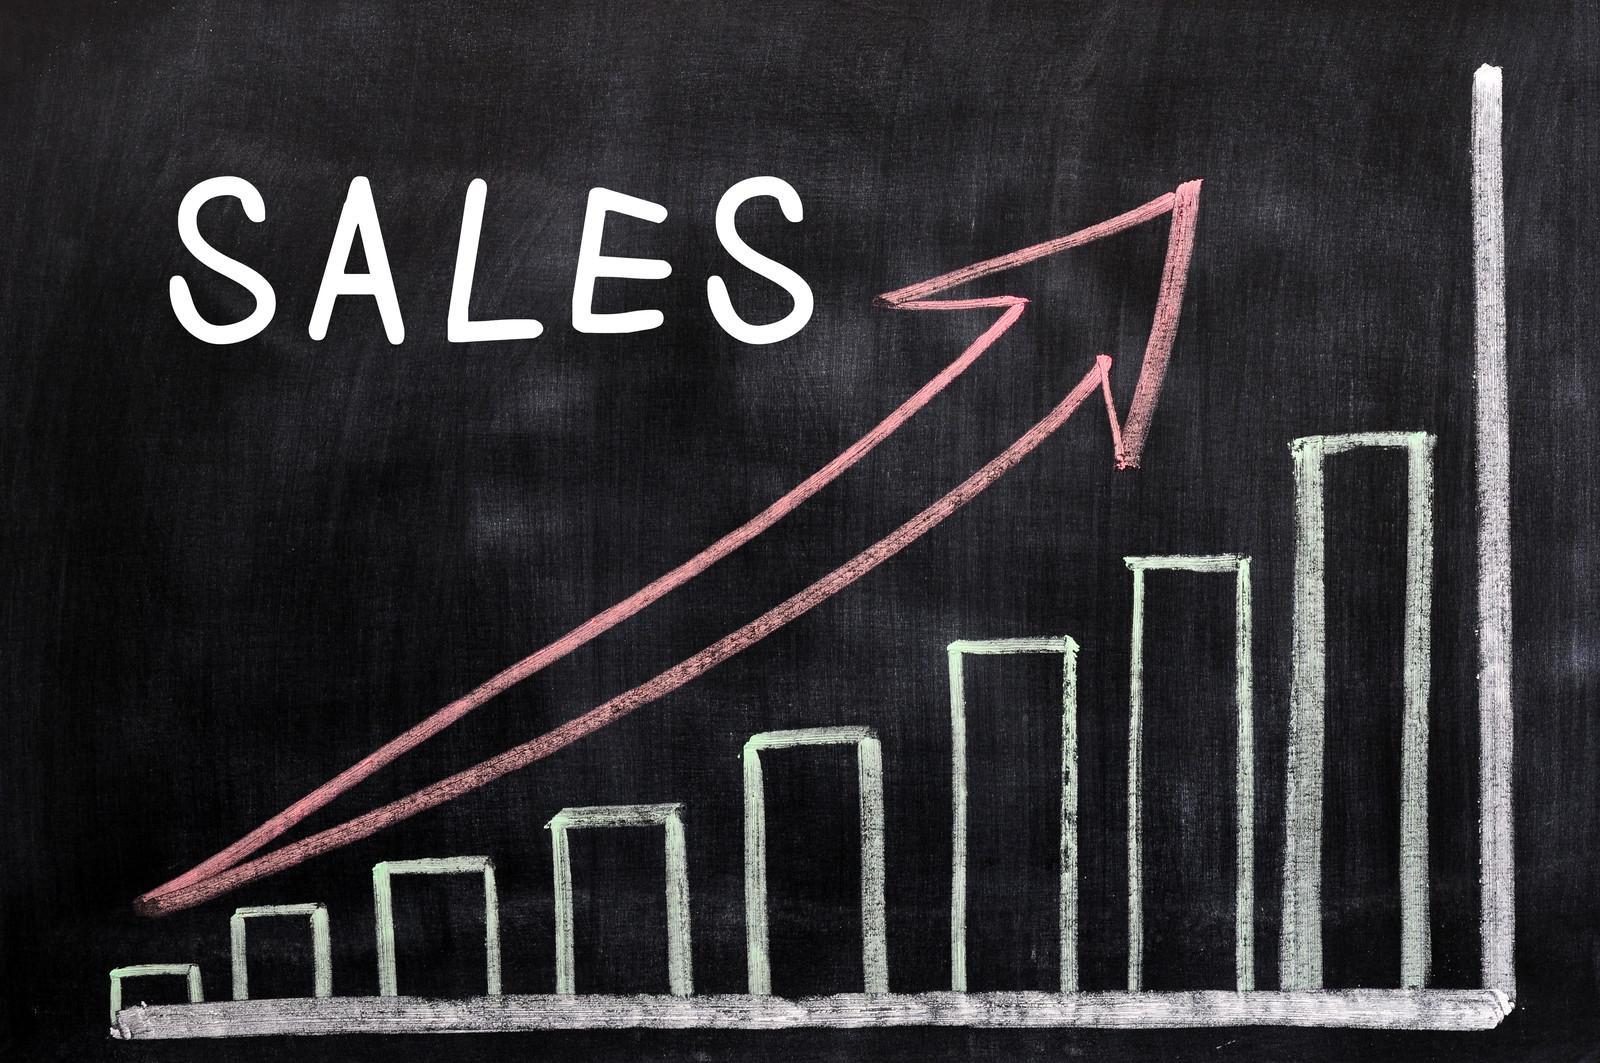 sales - فرآیند فروش کسب و کارهای کوچک